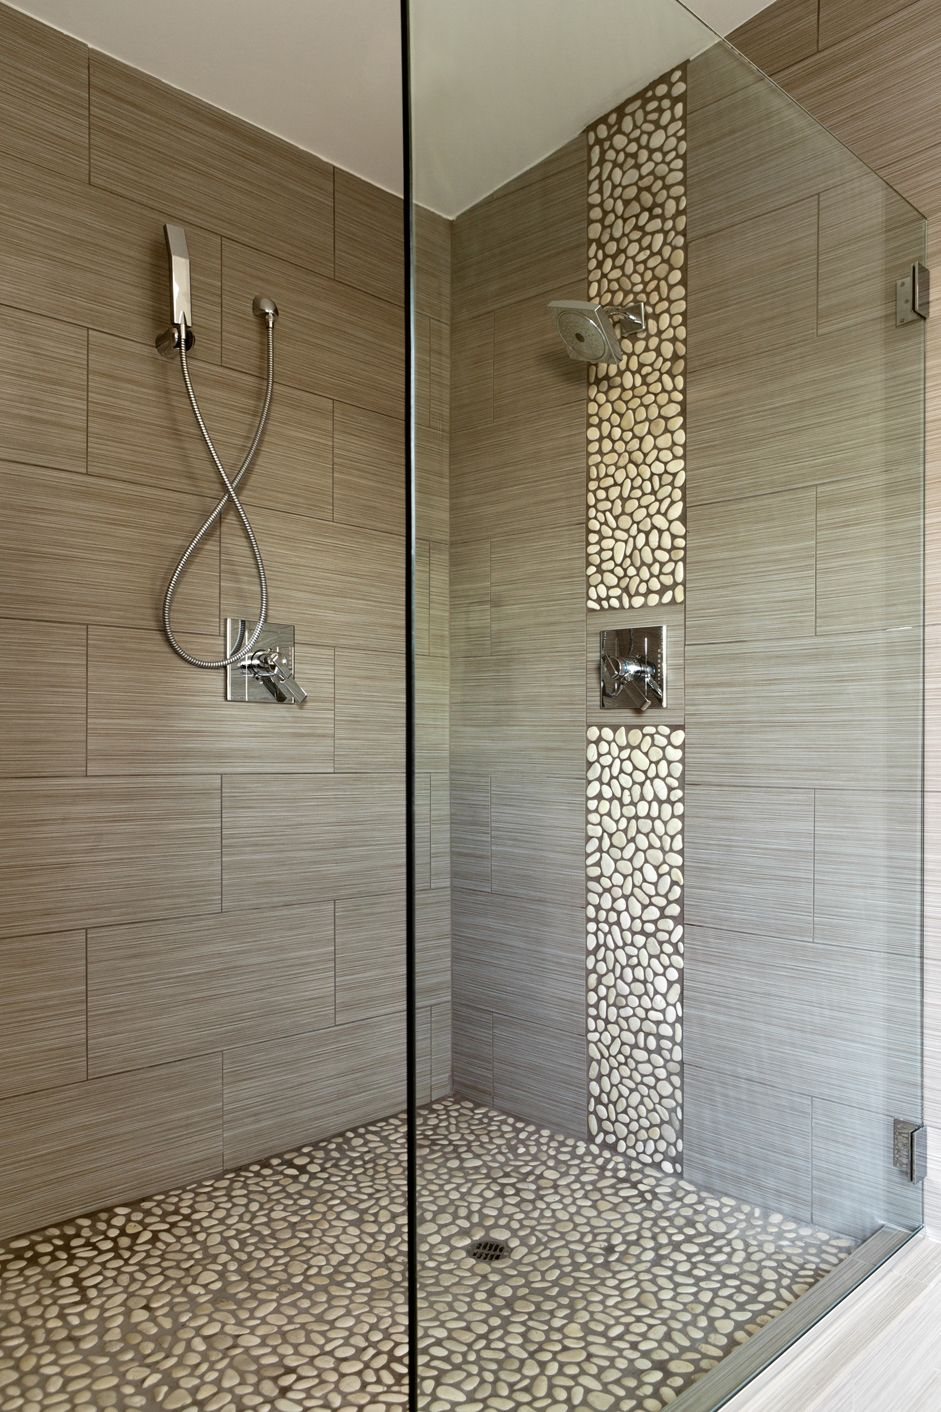 Relativ Gemauerte Dusche selber bauen | Wohnidee | Badezimmer, Gemauerte JB88